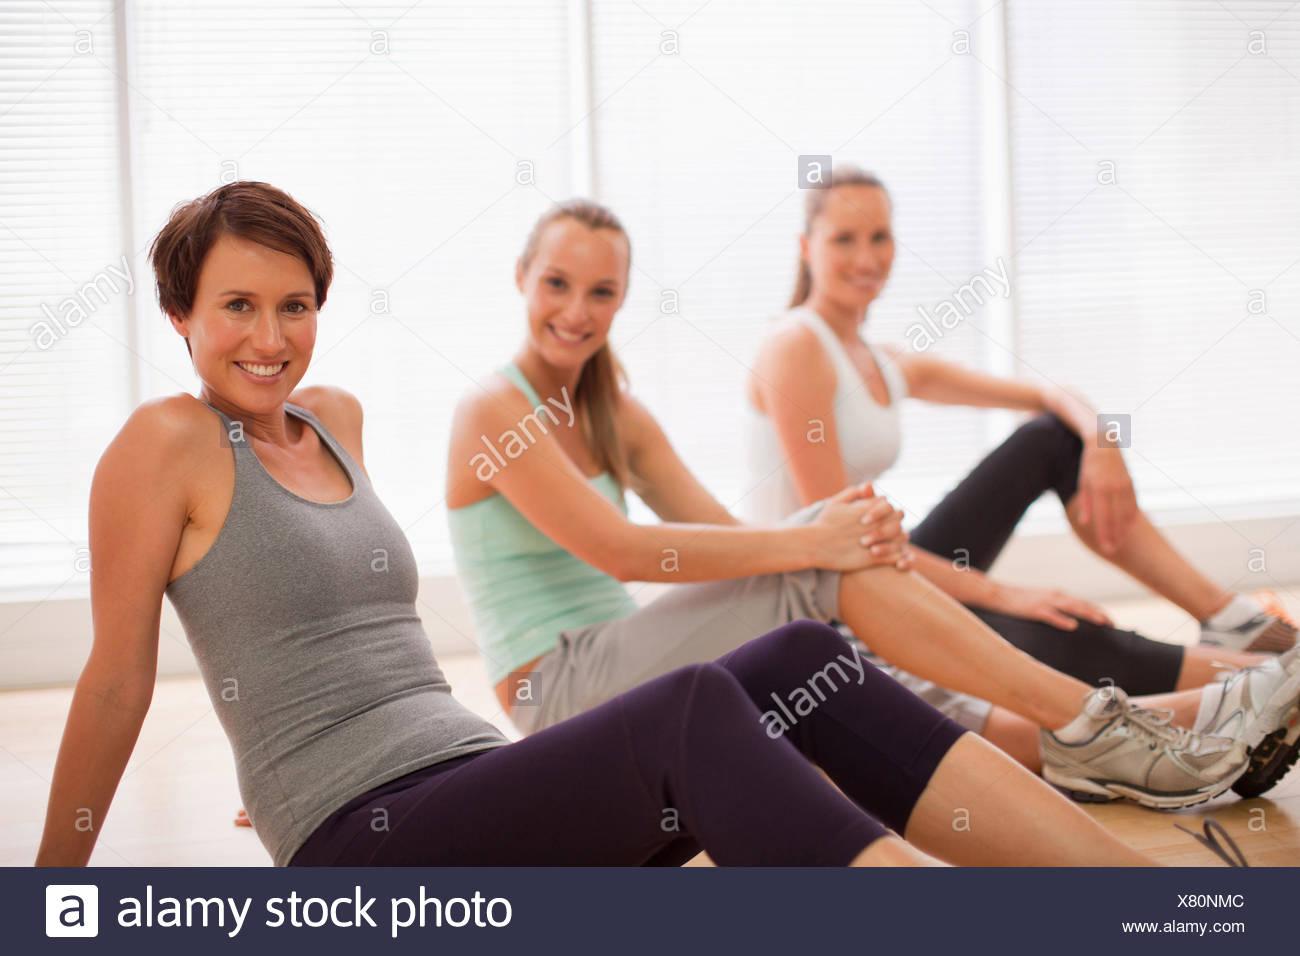 Porträt von lächelnden Frauen sitzen in einer Reihe im Fitness-studio Stockbild